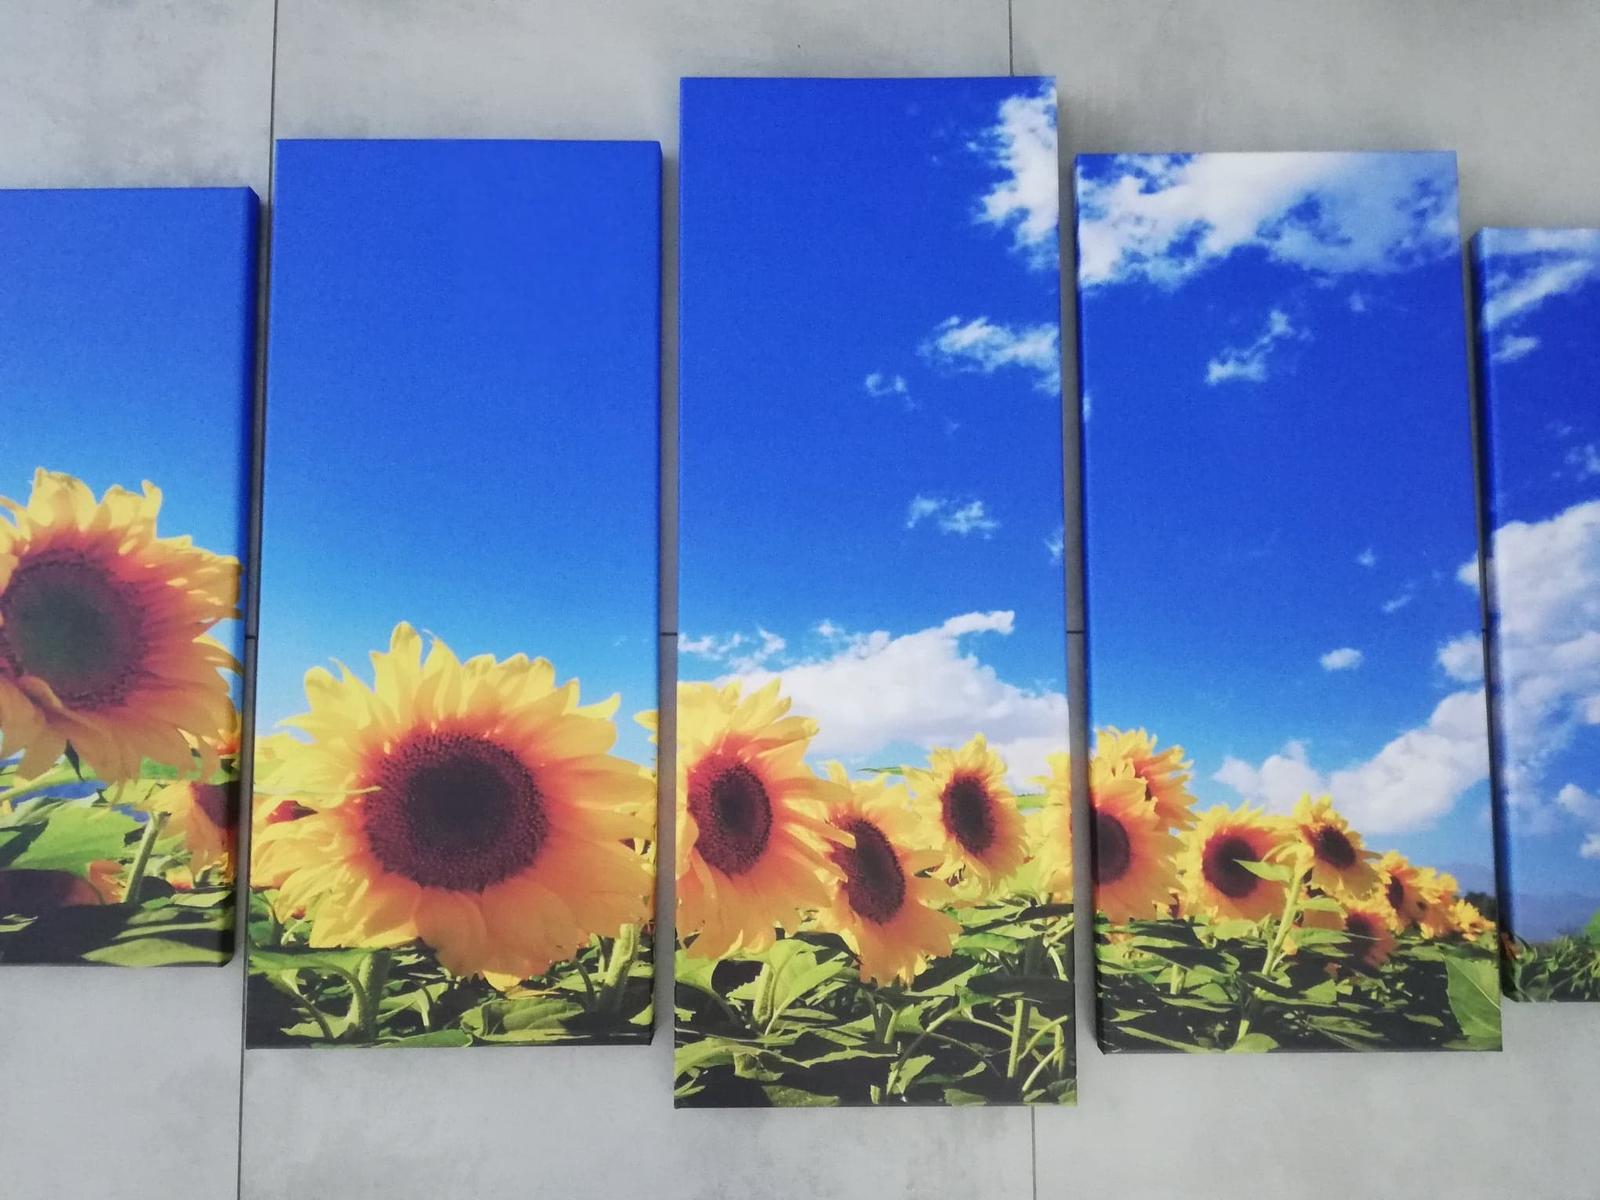 5 dielny Obraz Slnečnice 150x80cm - Obrázok č. 3